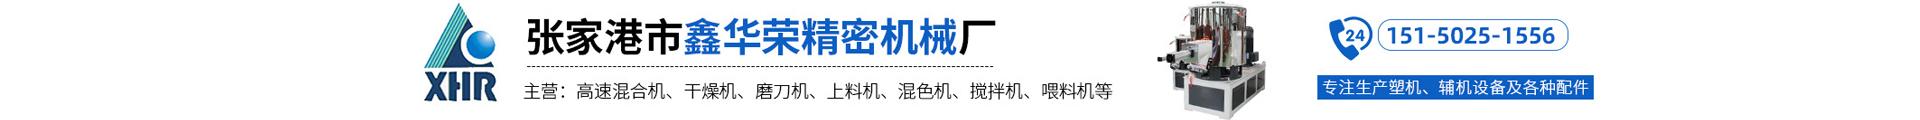 張家港市鑫華榮精密機械廠